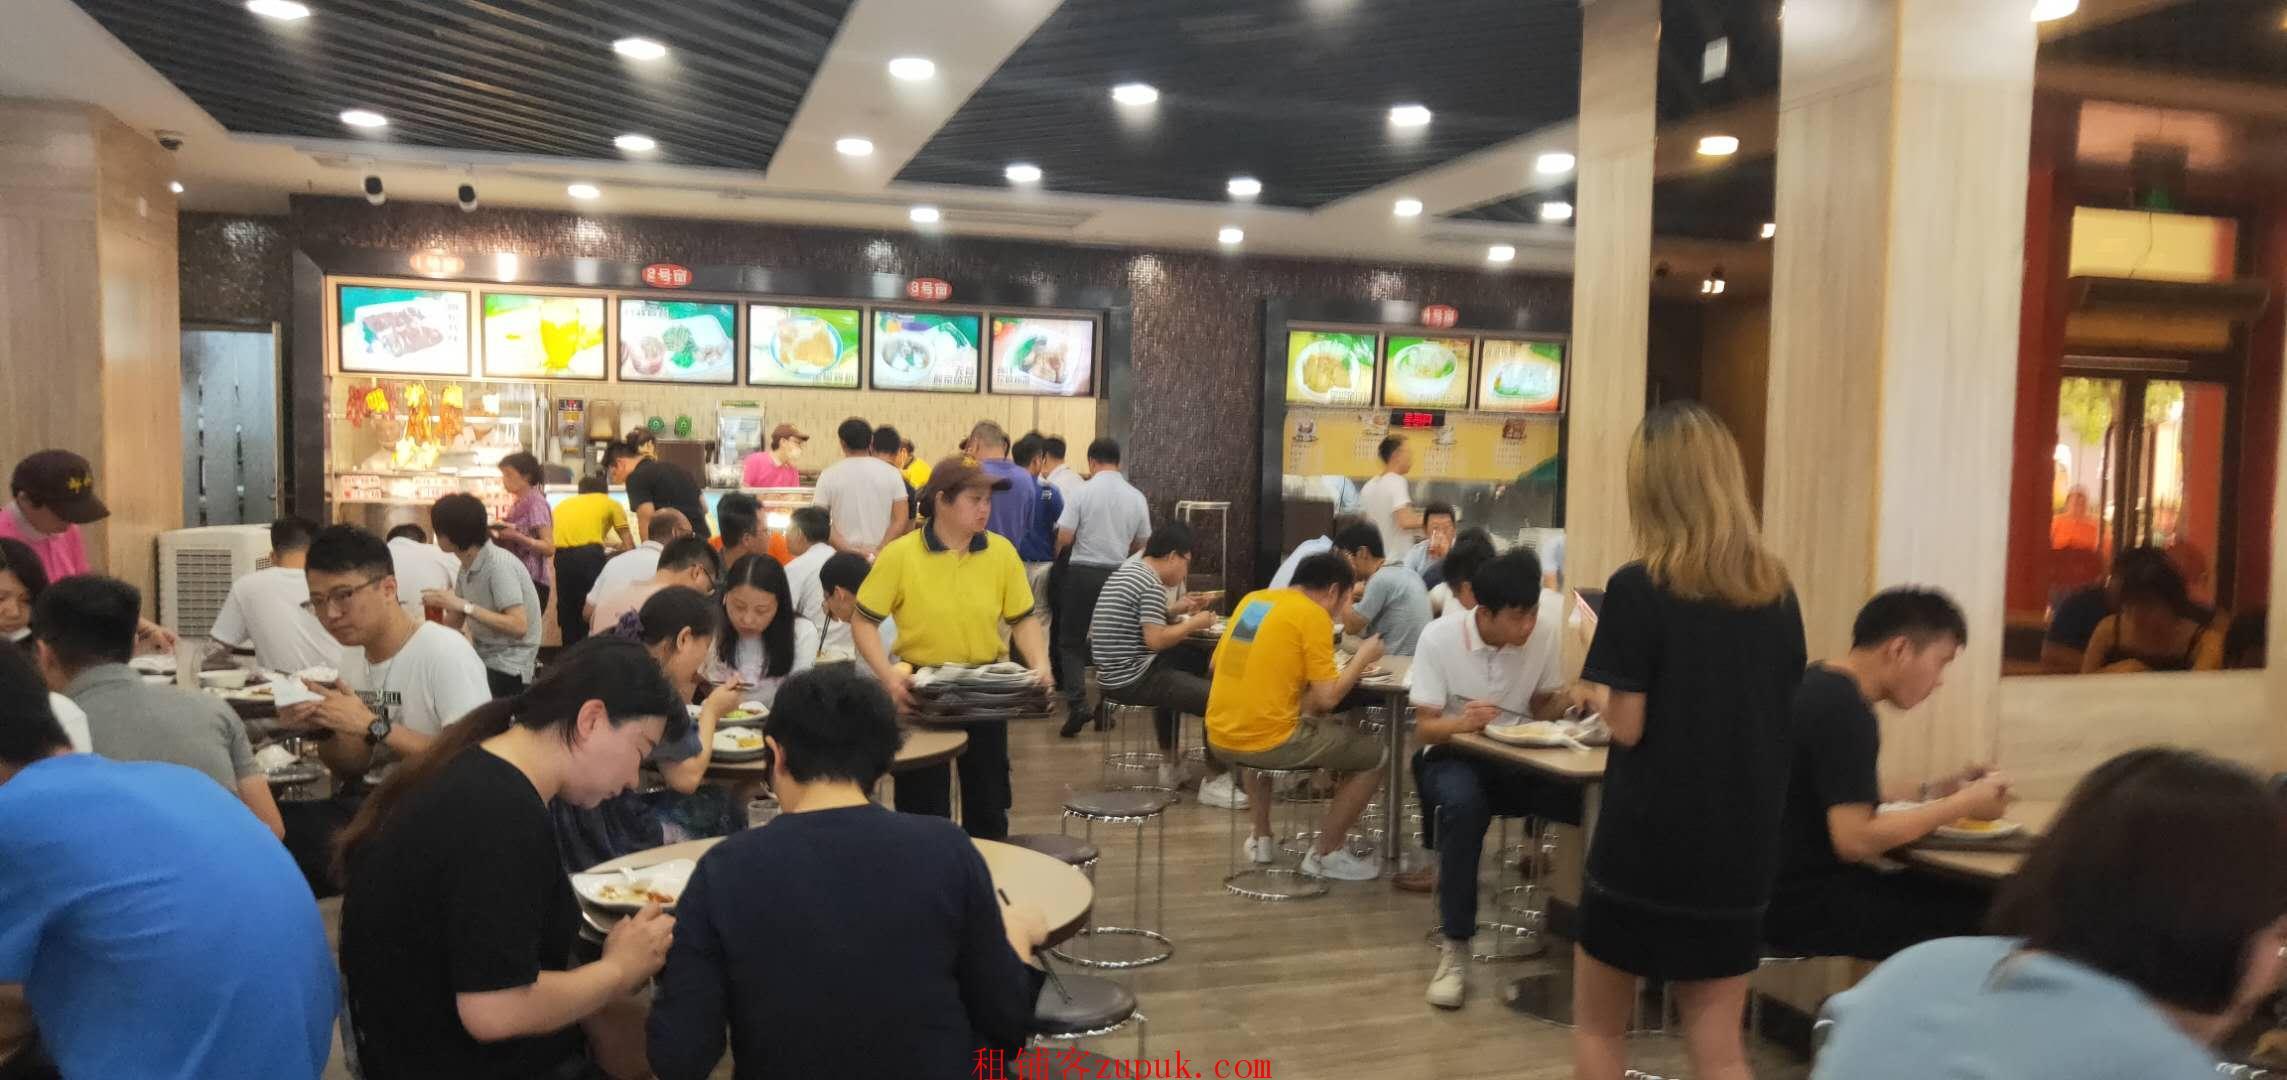 燕塘,粤垦路靠近喜市多便利店旁,小吃餐饮店租,招业态不限